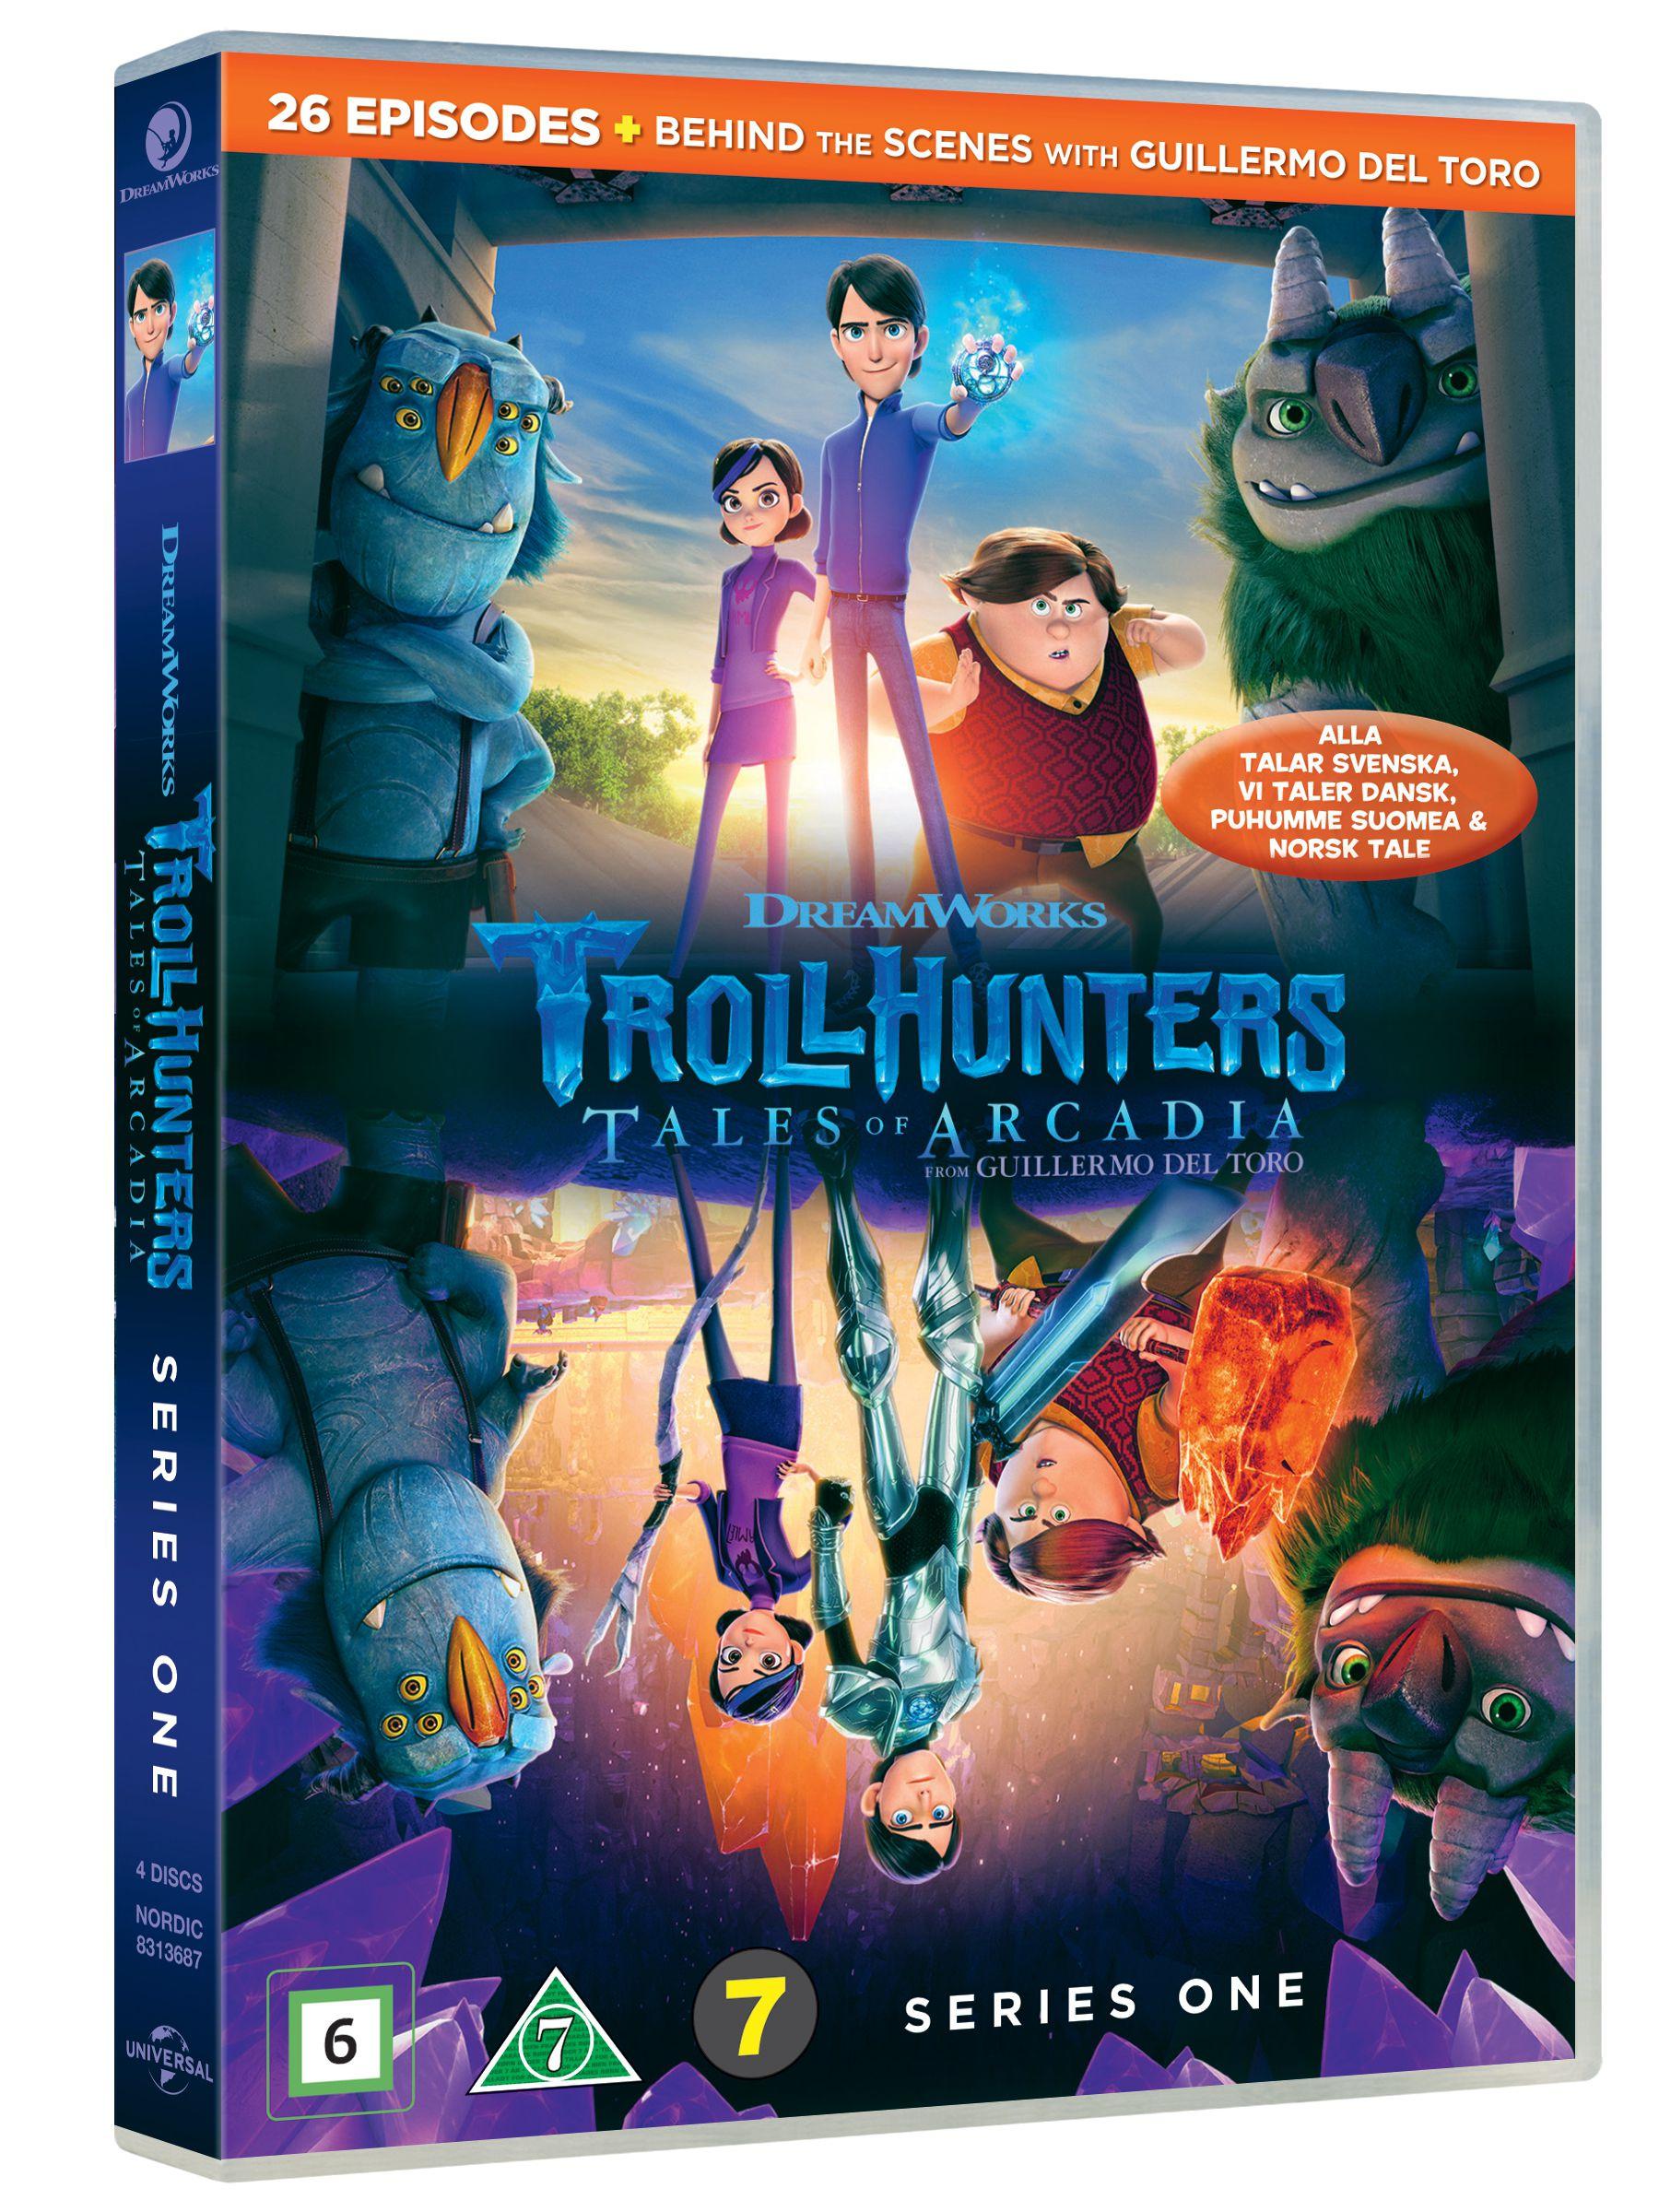 Trollhunters - Tales of Arcadia S01 2016 [NETFLIX][Arabic] 1080p WEB-DL - aliraqi -- Seeders: 1 -- Leechers: 0